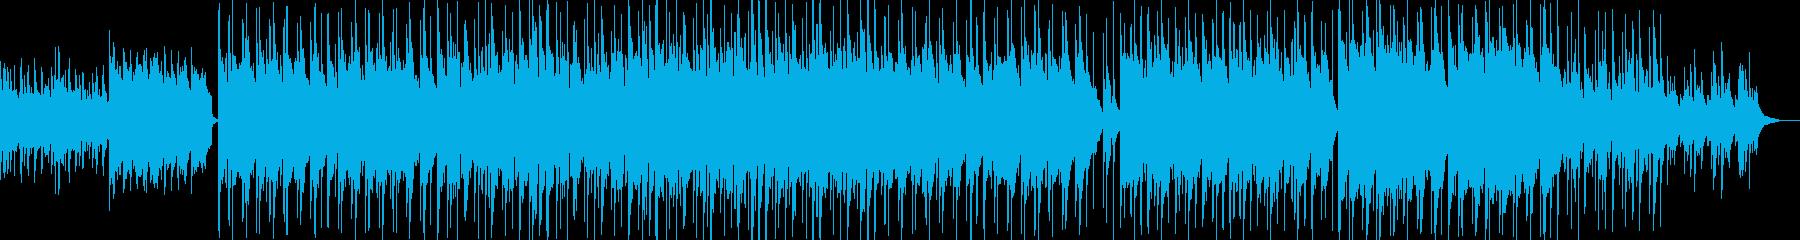 美しい琴、フルートの癒しの和風BGMの再生済みの波形